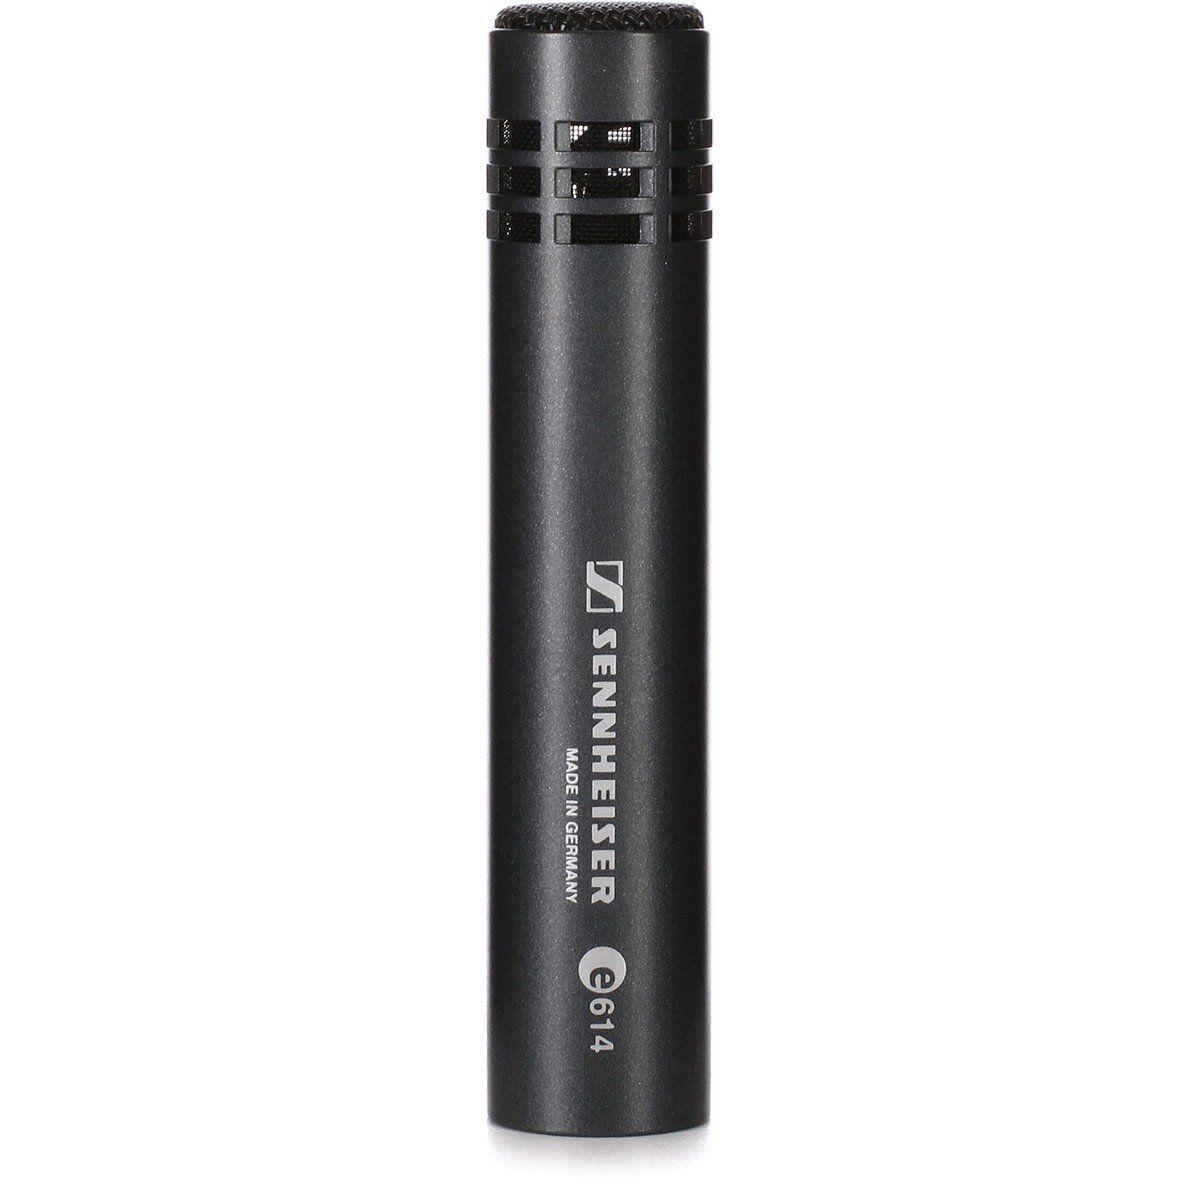 Sennheiser E614 Microfone Condensador Supercardióide Sennheiser-E614 para Instrumento